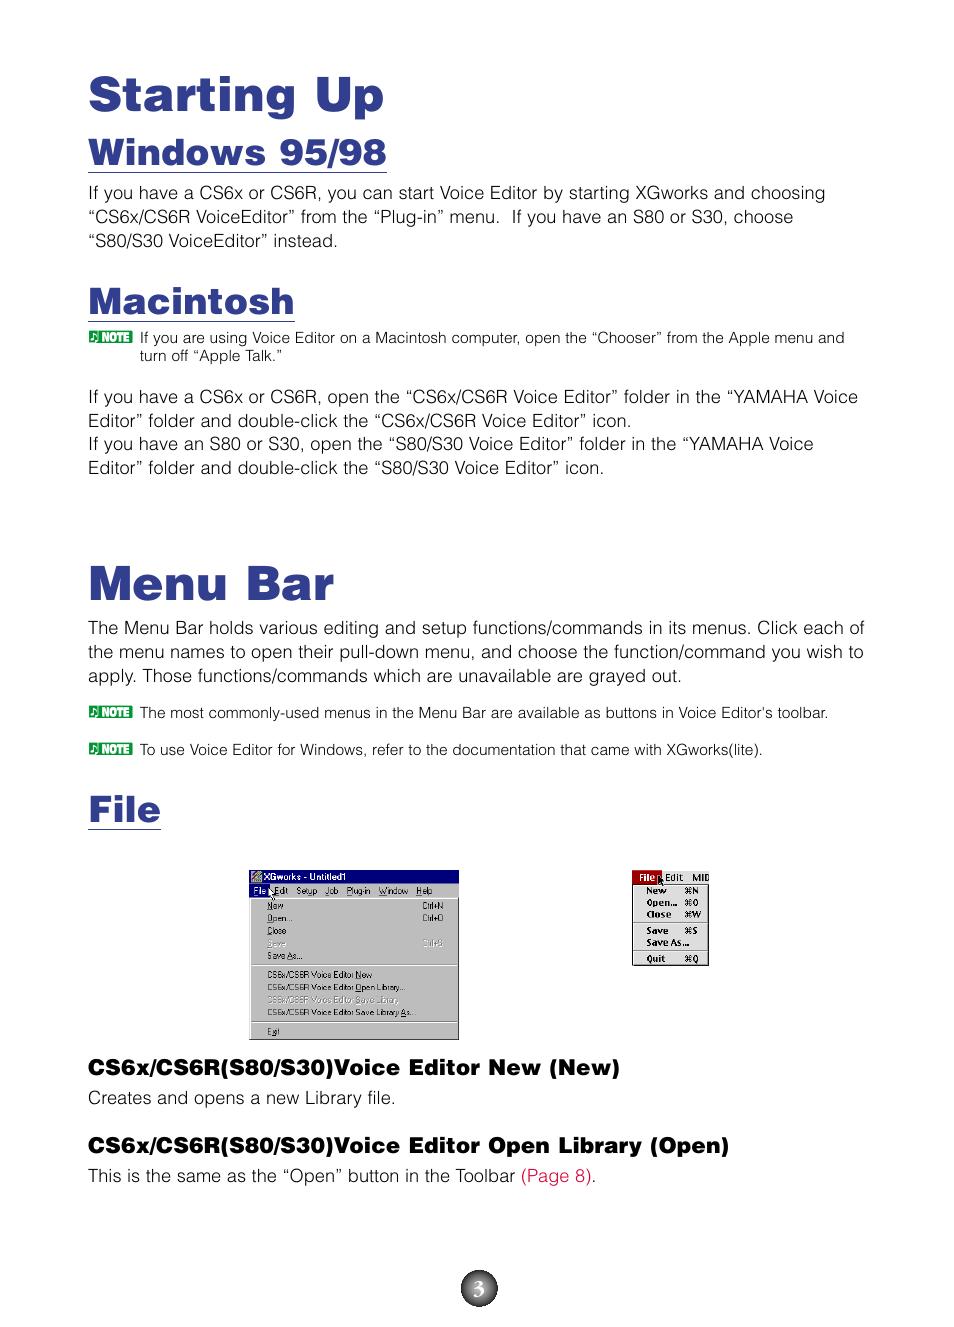 Starting up, Menu bar, Starting up menu bar | Yamaha S80 EN User